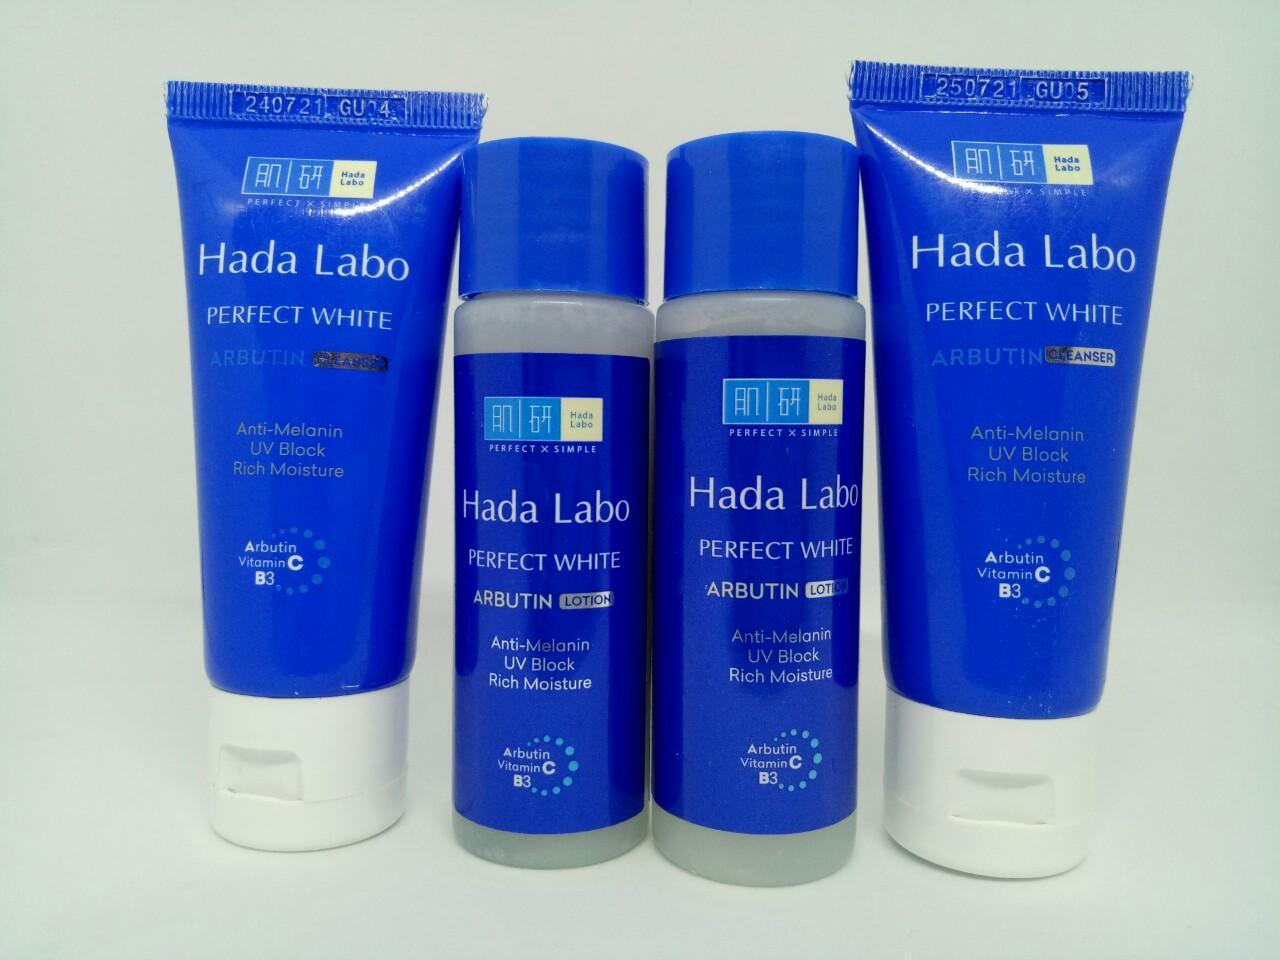 Trọn bộ 4 món dưỡng trắng da dành cho mọi lứa tuổi : 2chai Dung dịch Hada Labo Perfect White Lotion + Tặng 2 tuýt sữa rửa mặt Hada Labo Perfect White & kèm thêm 1 túi đựng mỹ phẩm